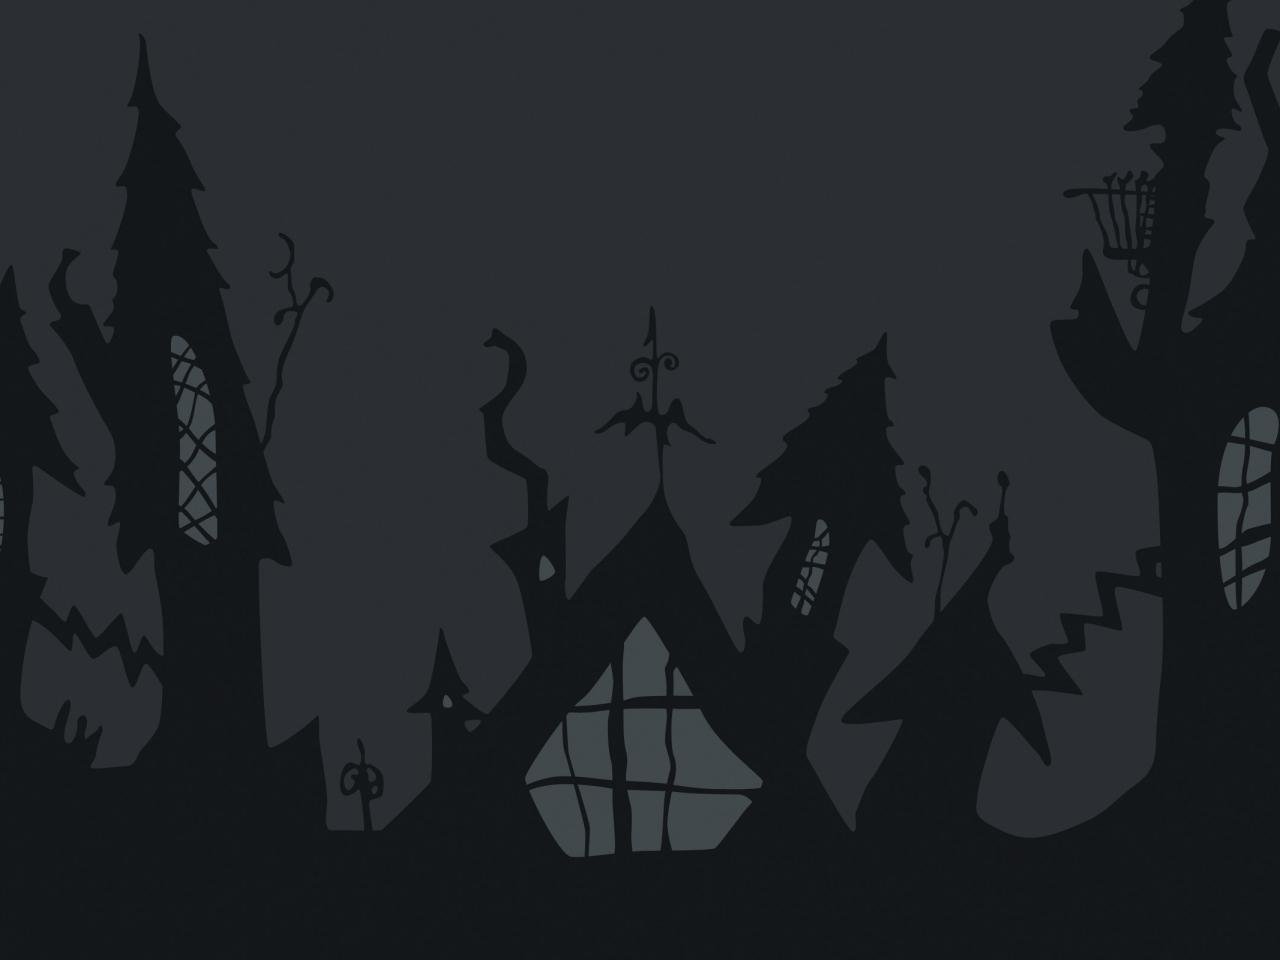 Castillo de noche de brujas - 1280x960